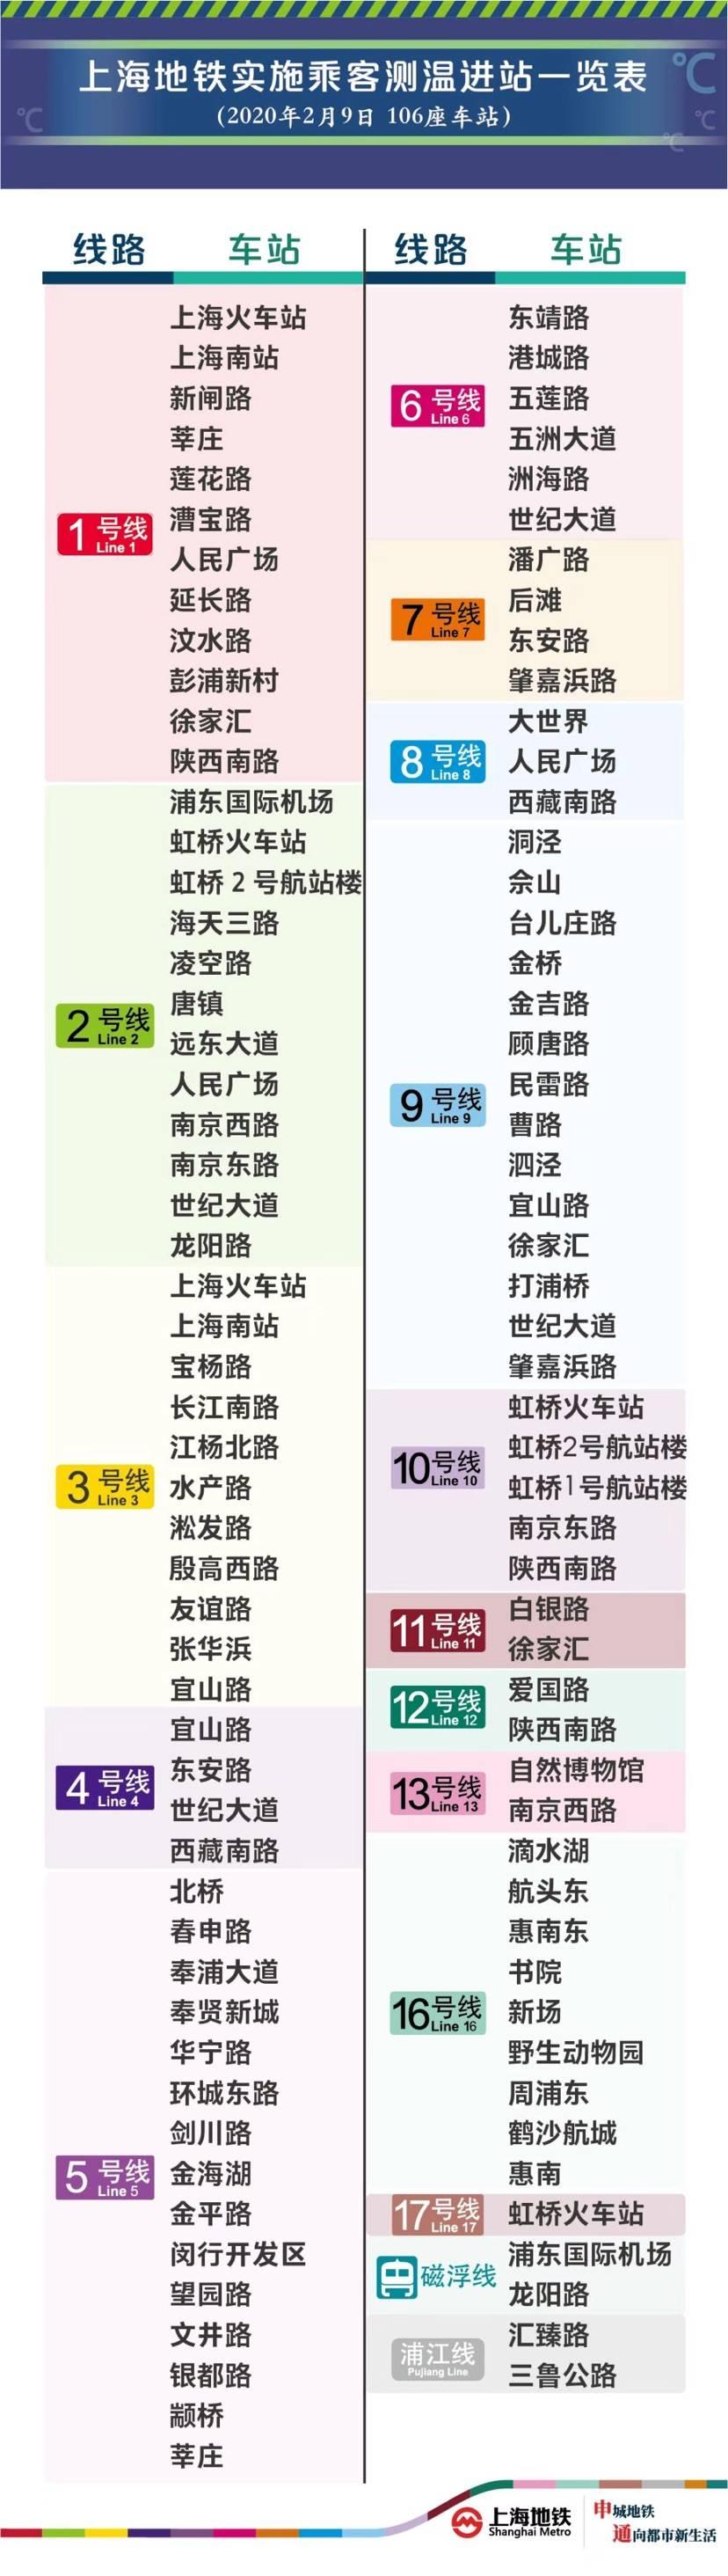 上海地铁106座车站实施测温进站 覆盖所有运营线路